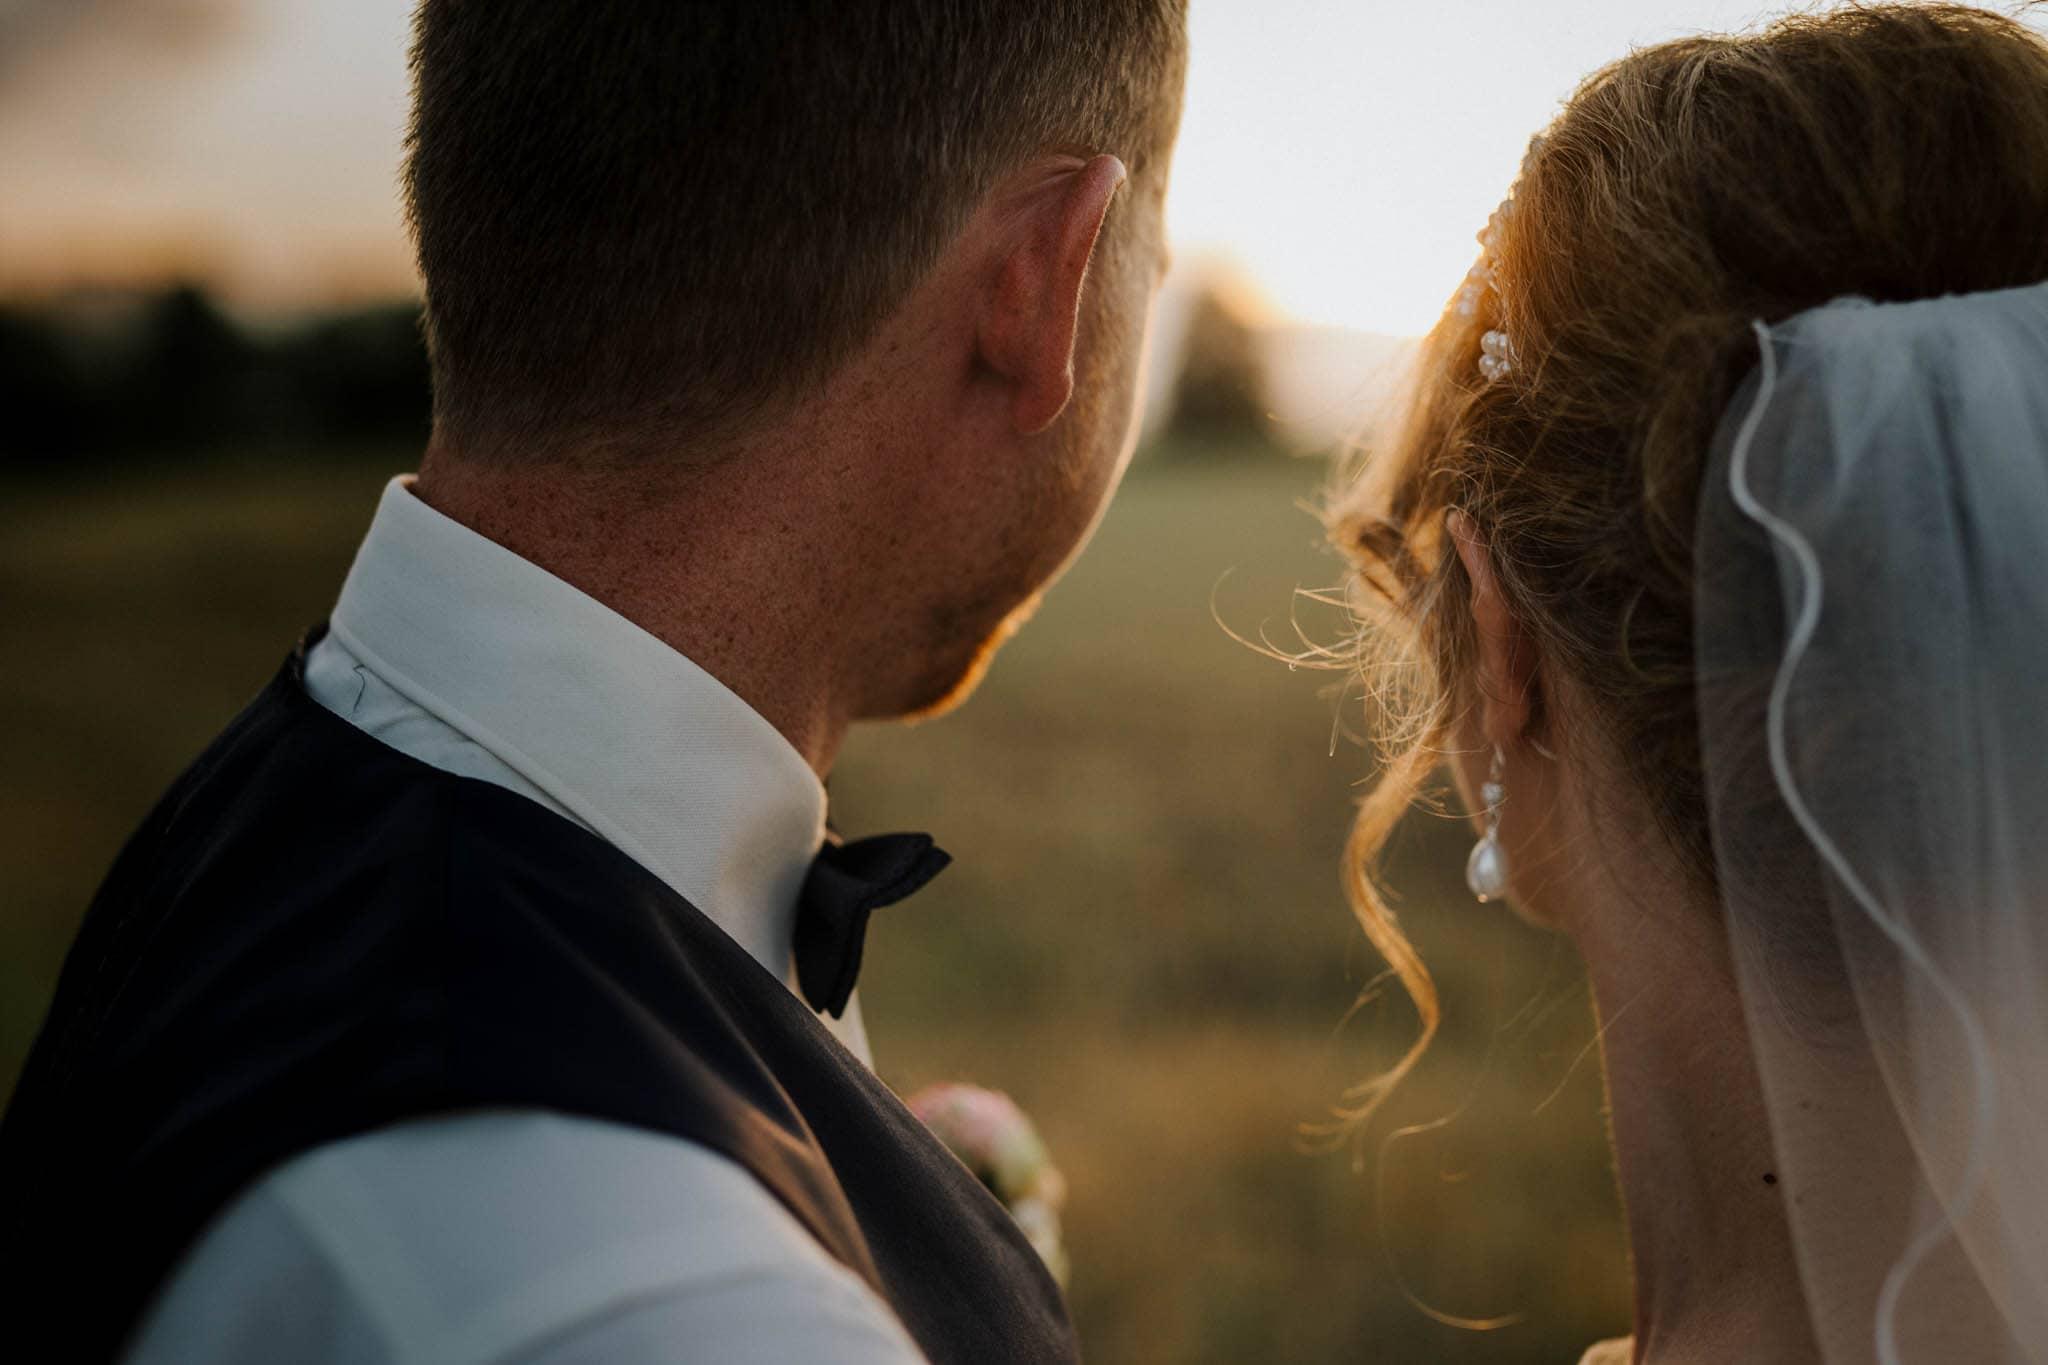 Hochzeitsfieber by Photo-Schomburg, Hoichzeitsfotograf, Hamburg, Wedding, Weddingtime, Hochzeitspaar, Braut, Bräutigam, Hochzeit im Norden,-131